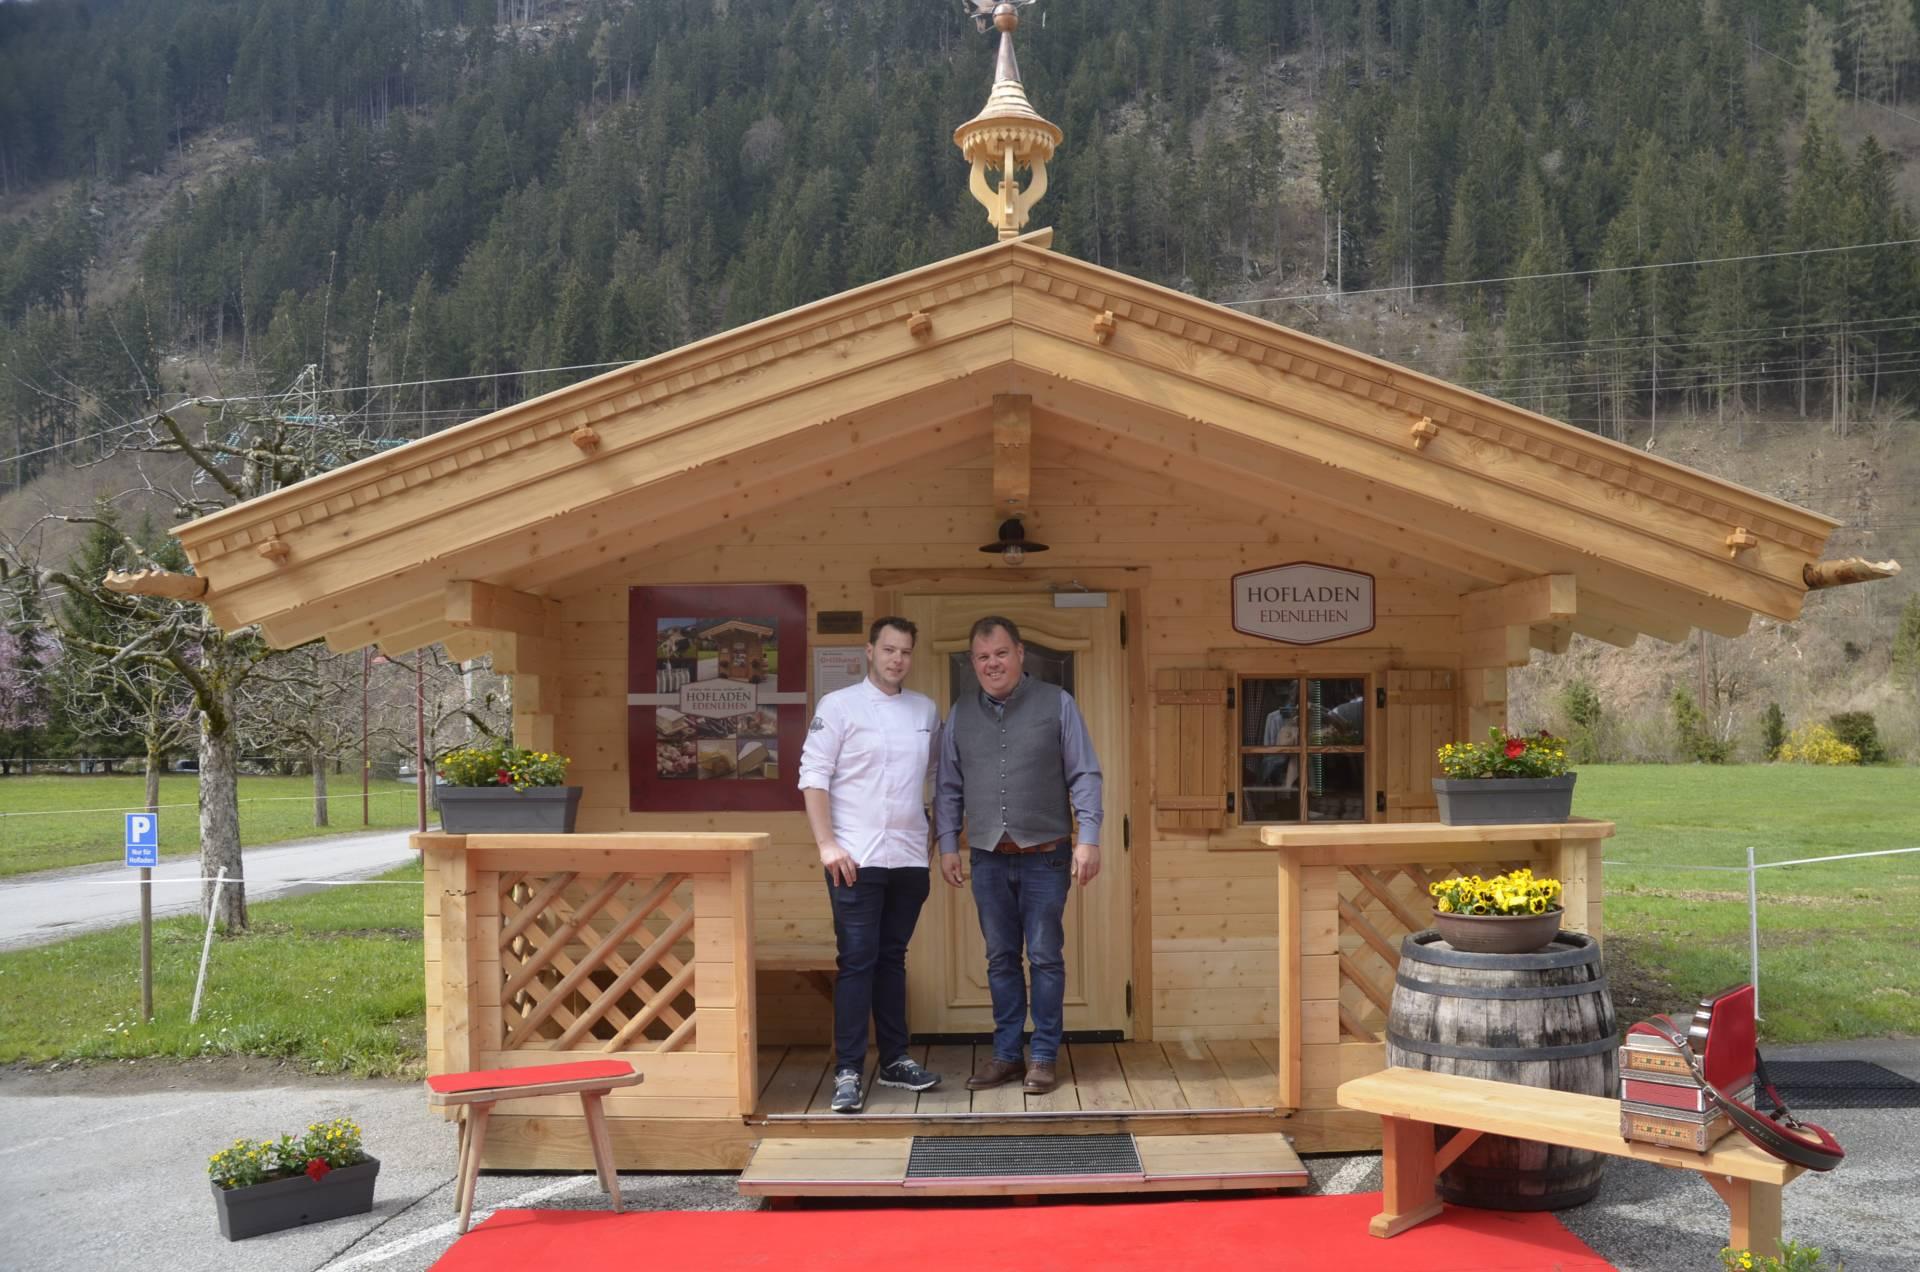 Hofladen Edenlehen in Mayrhofen